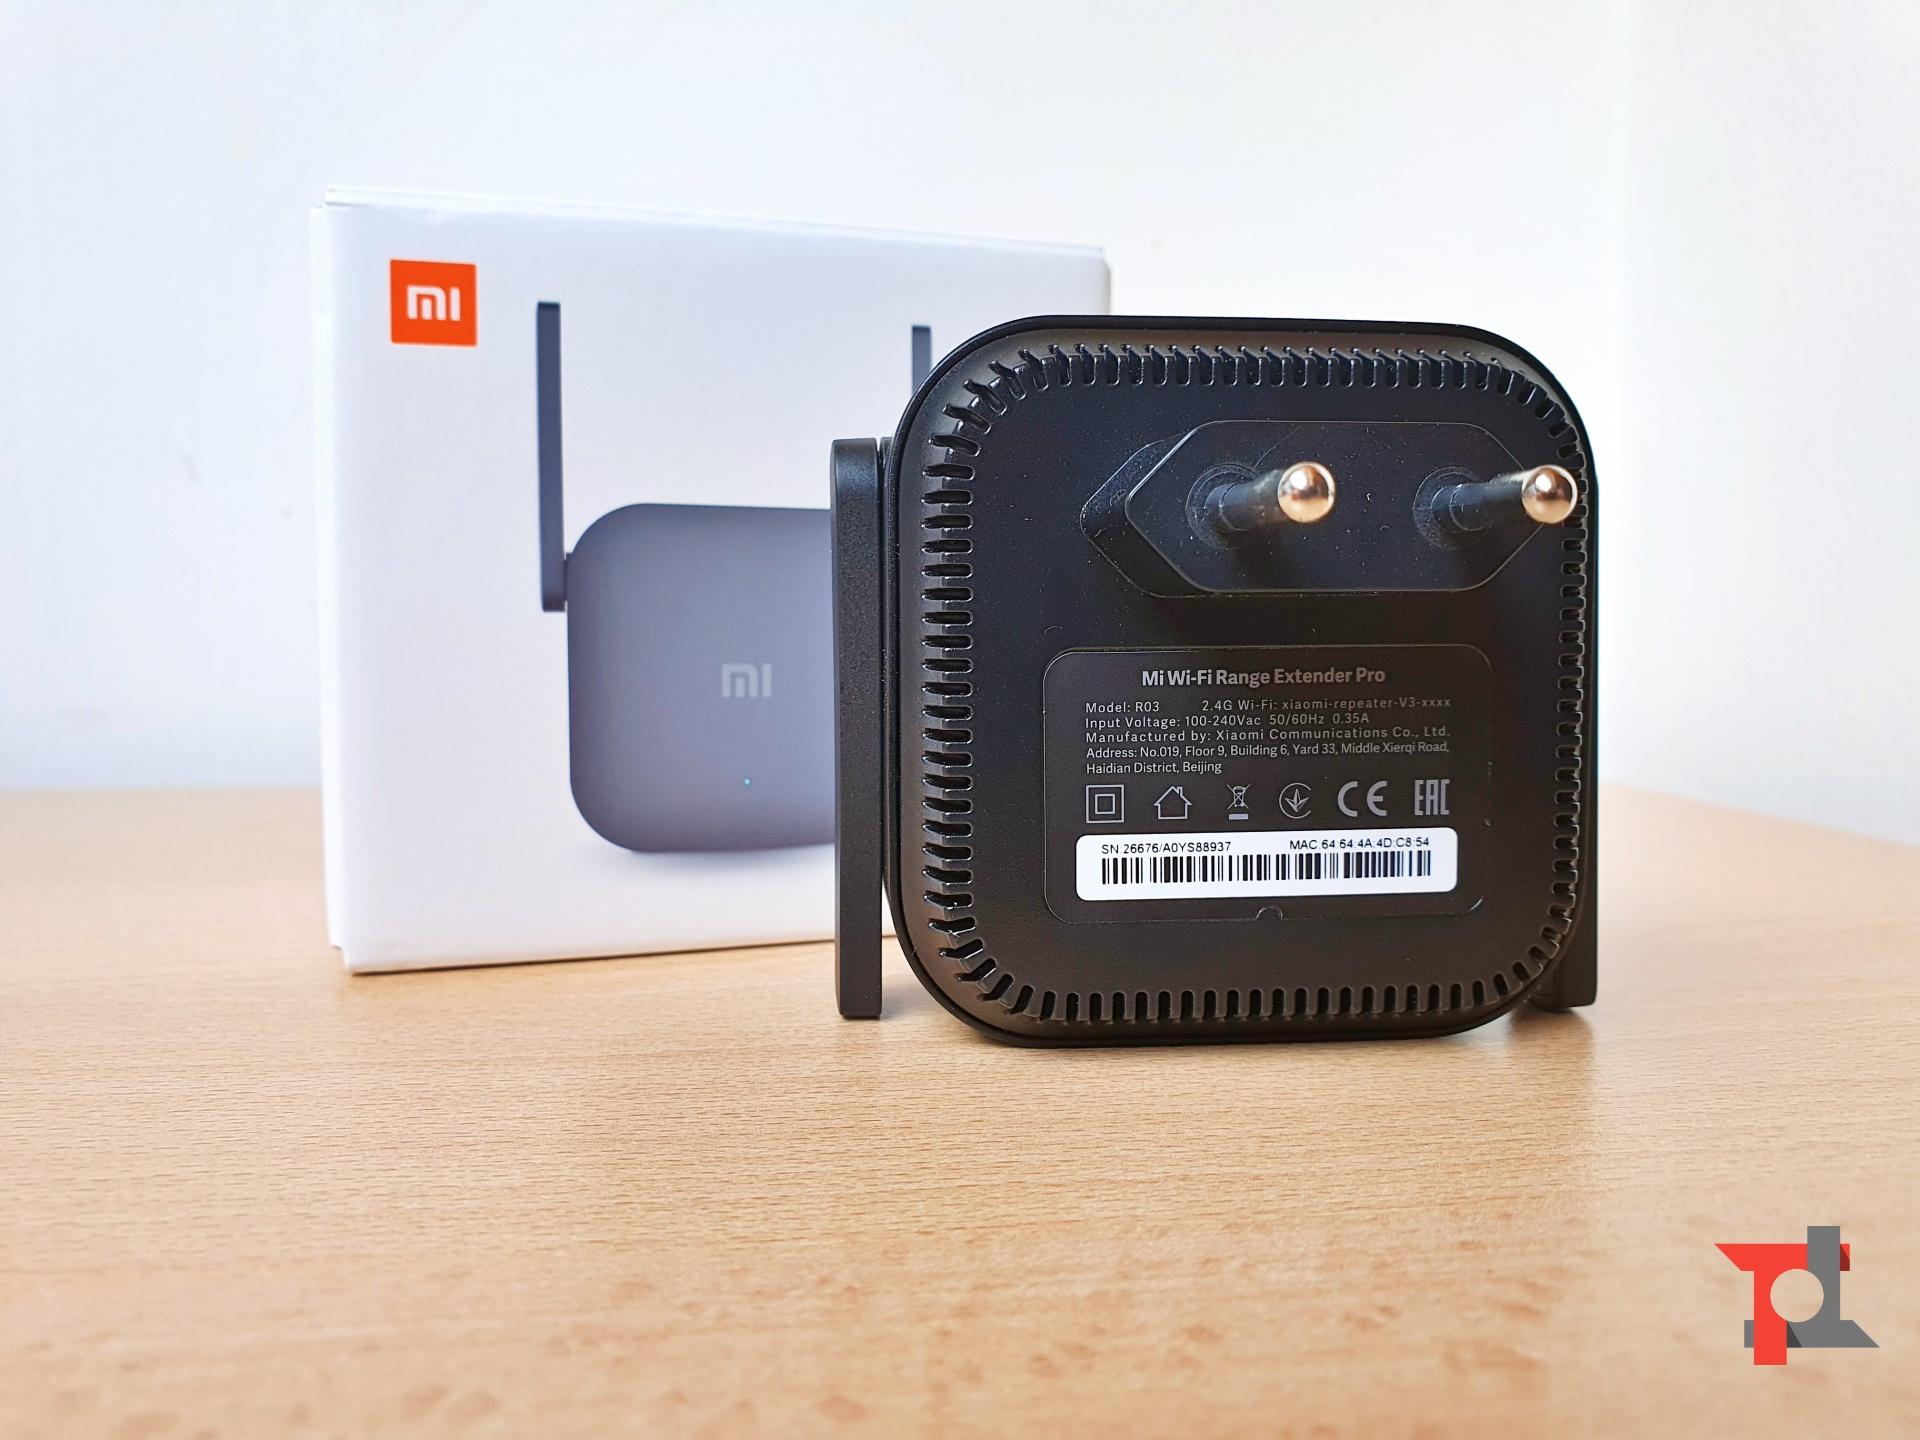 Recensione Xiaomi Mi WiFi Range Extender Pro, WiFi ovunque a basso costo 1